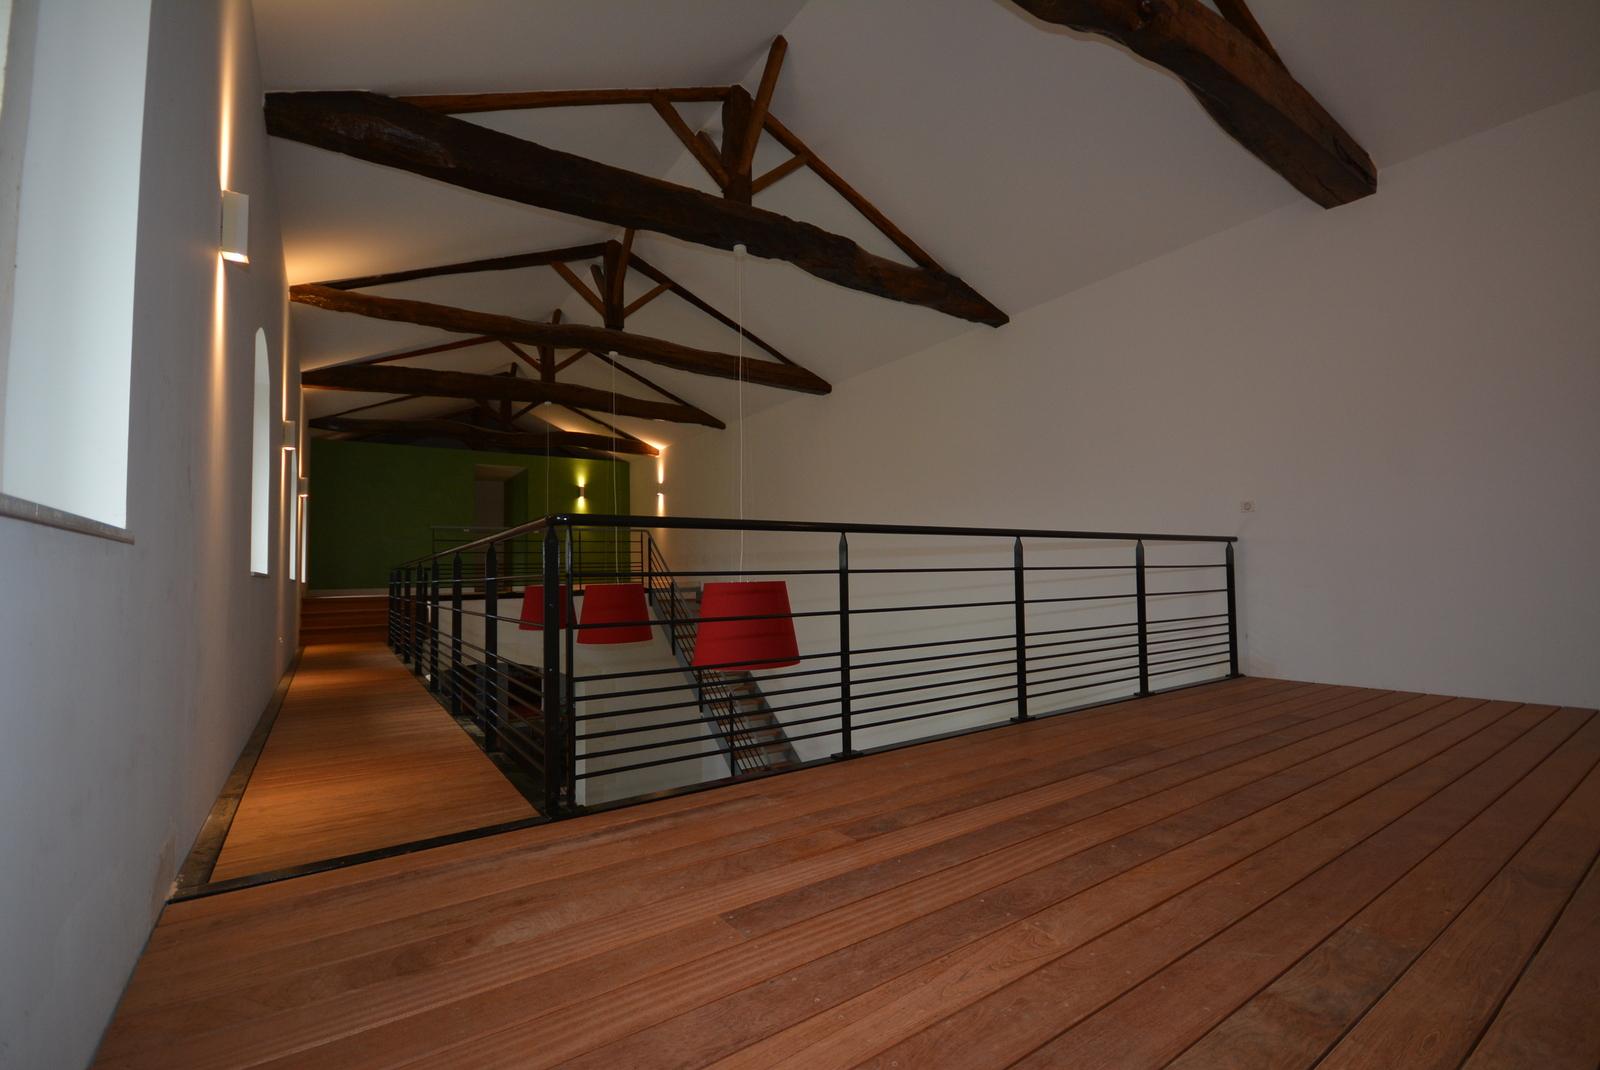 vivanbois menuiserie interieure lames ajoure en jatoba jpeg maison en bois vivanbois. Black Bedroom Furniture Sets. Home Design Ideas